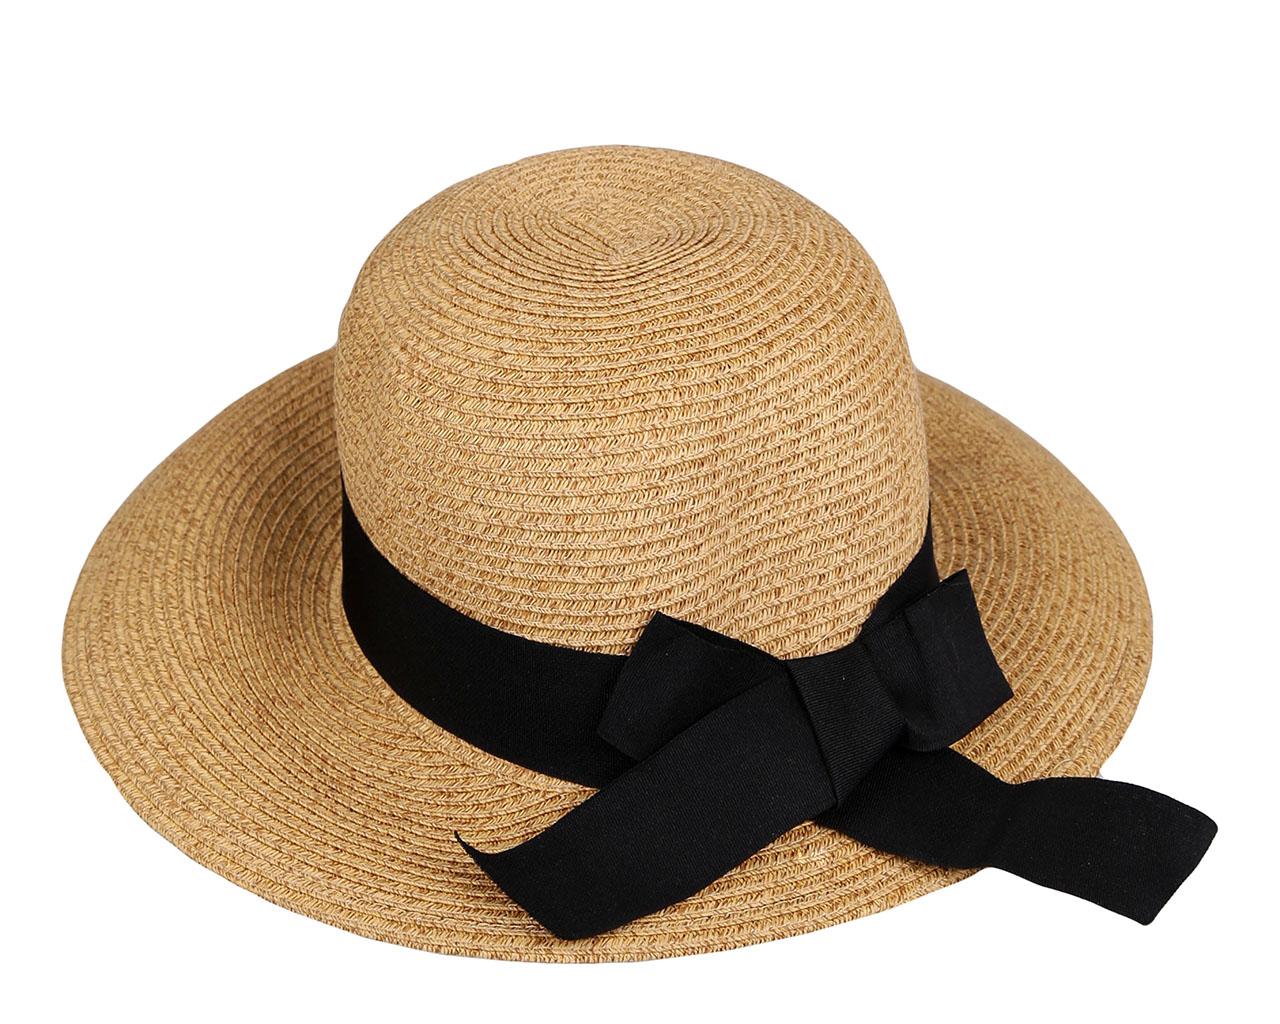 ШляпаG4-1 BEIGEСтильная шляпа от Fabretti для пляжного отдыха и прогулок в солнечные дни.